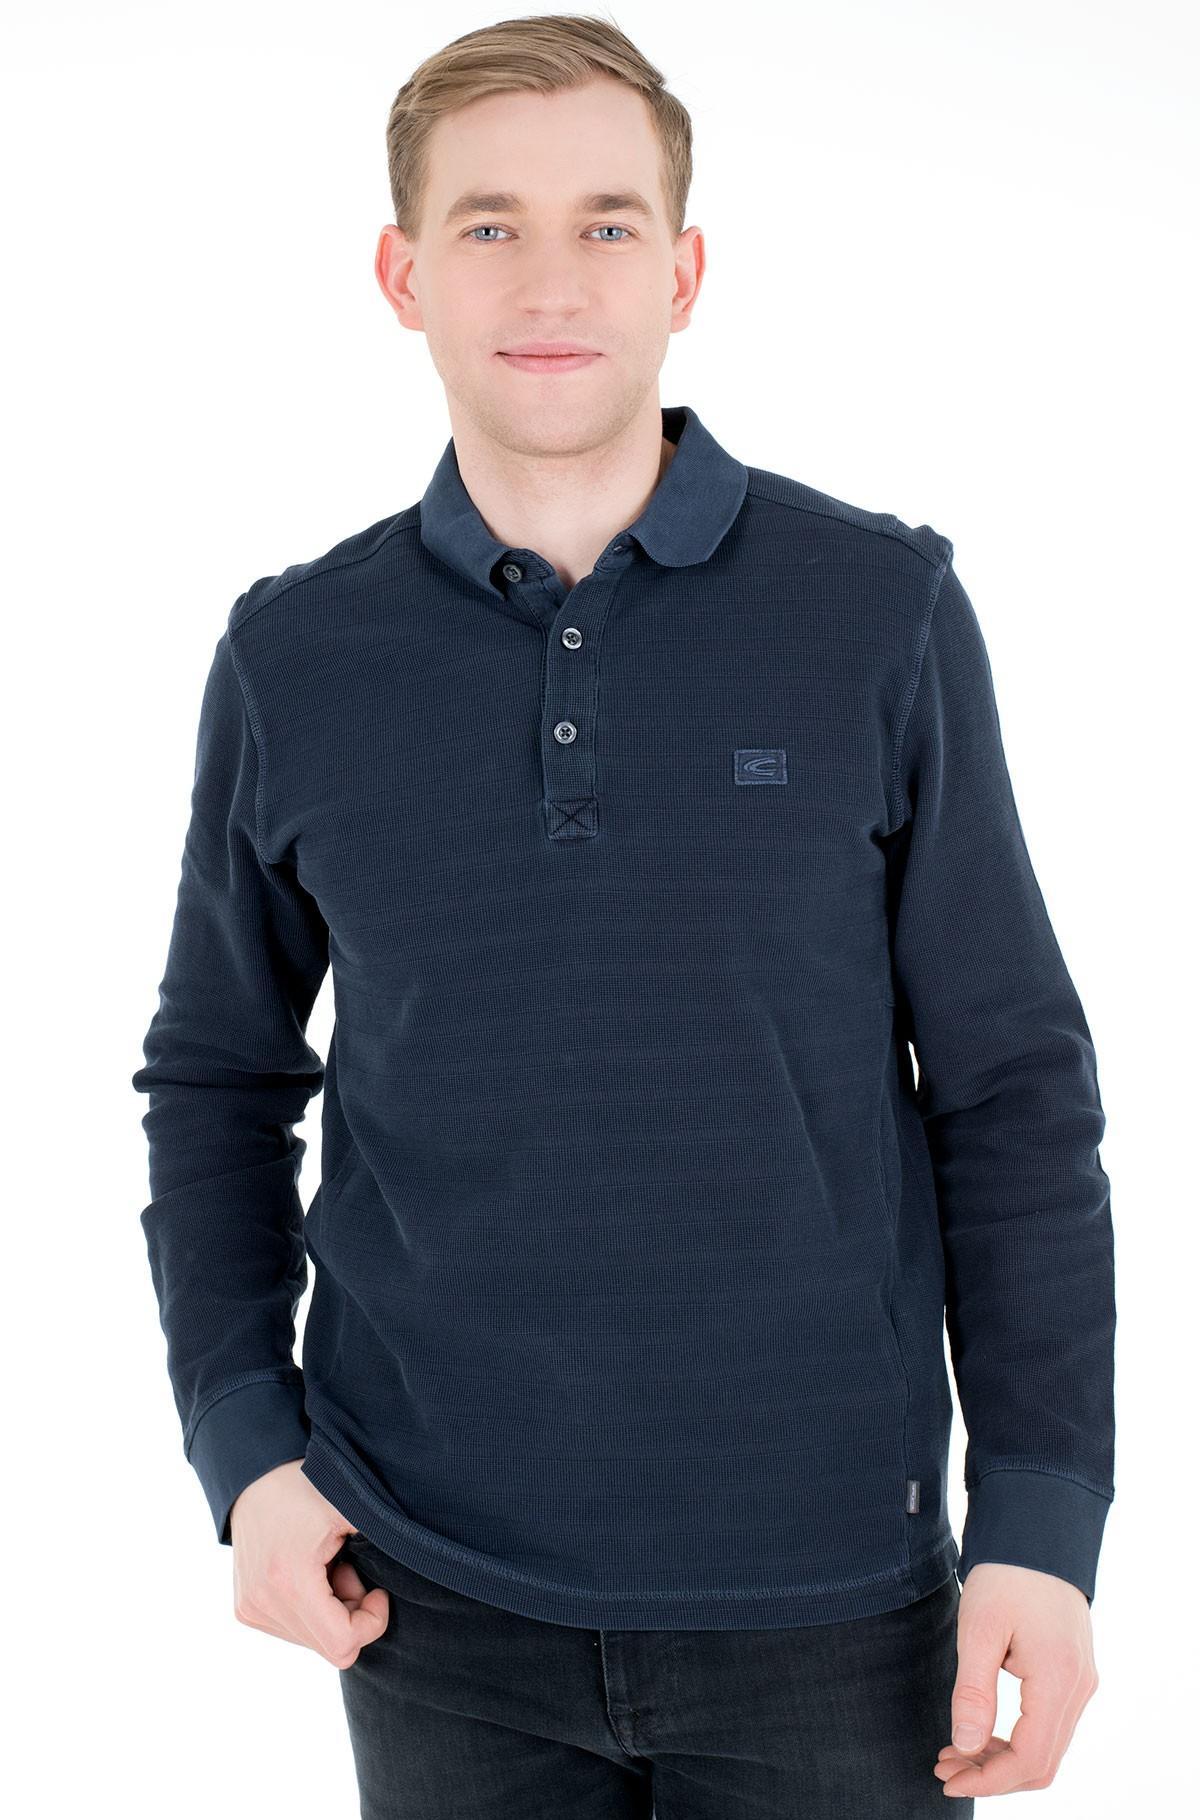 Polo marškinėliai ilgomis rankovėmis 409361/5P04-full-1